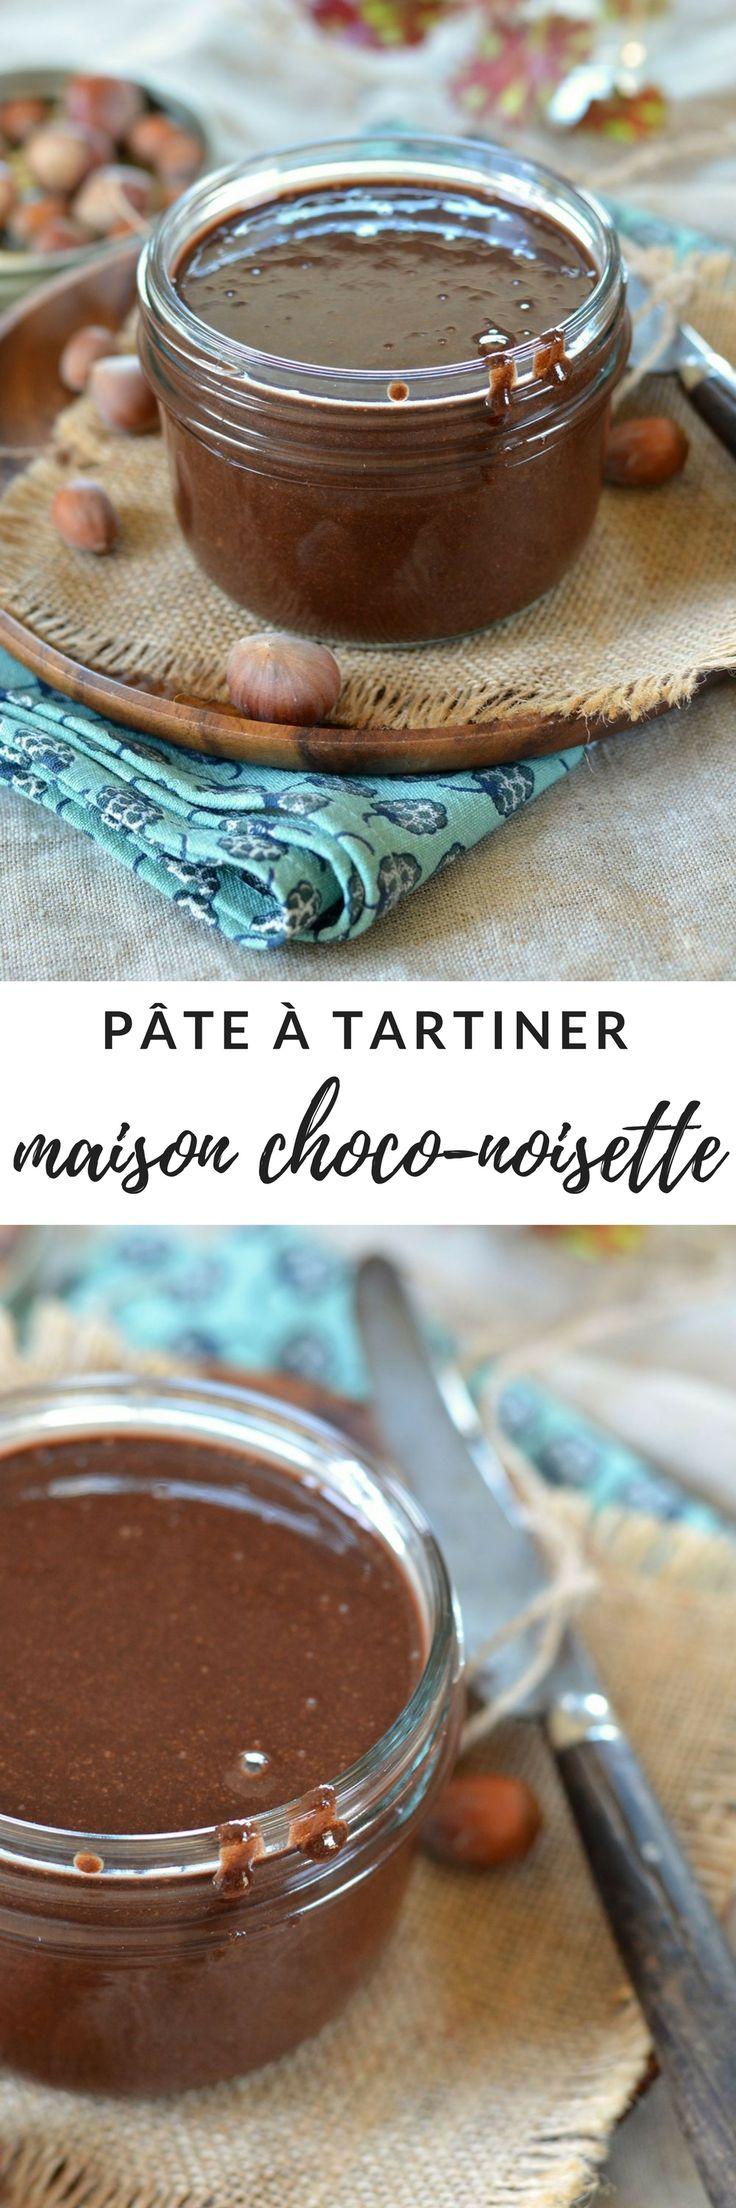 Pâte à tartiner maison chocolat noisette